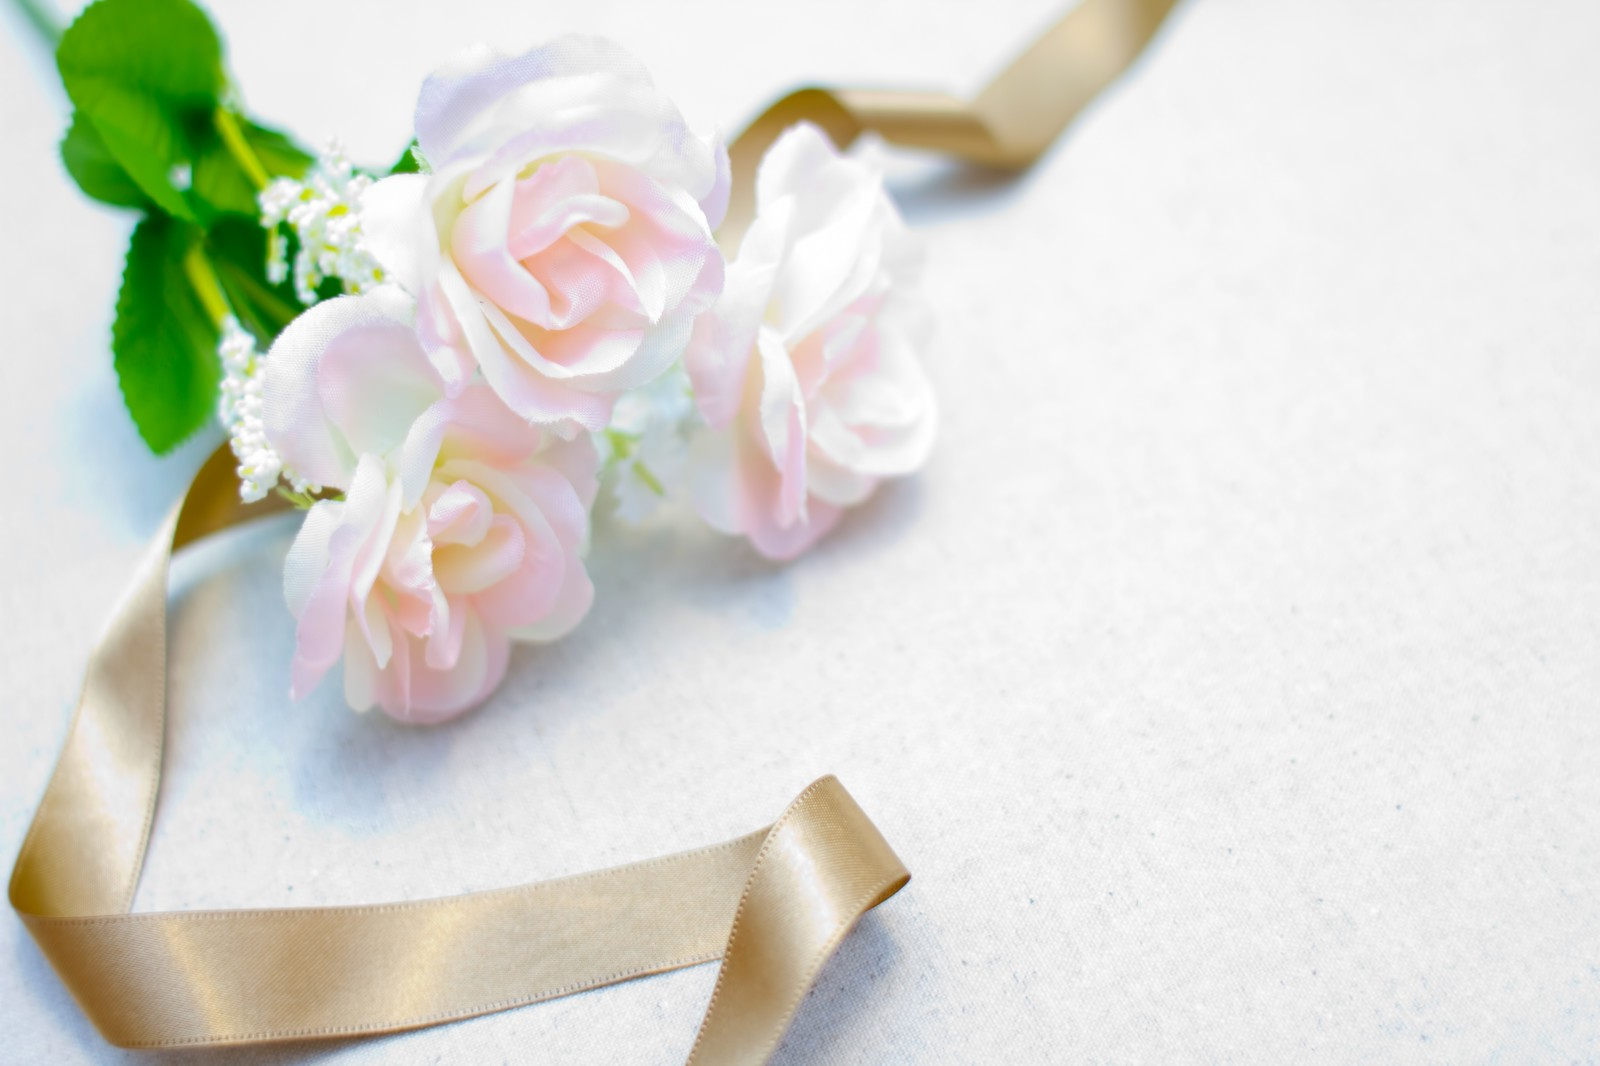 結婚前に必要な貯金額を調査!平均額や費用を節約するコツまとめ!